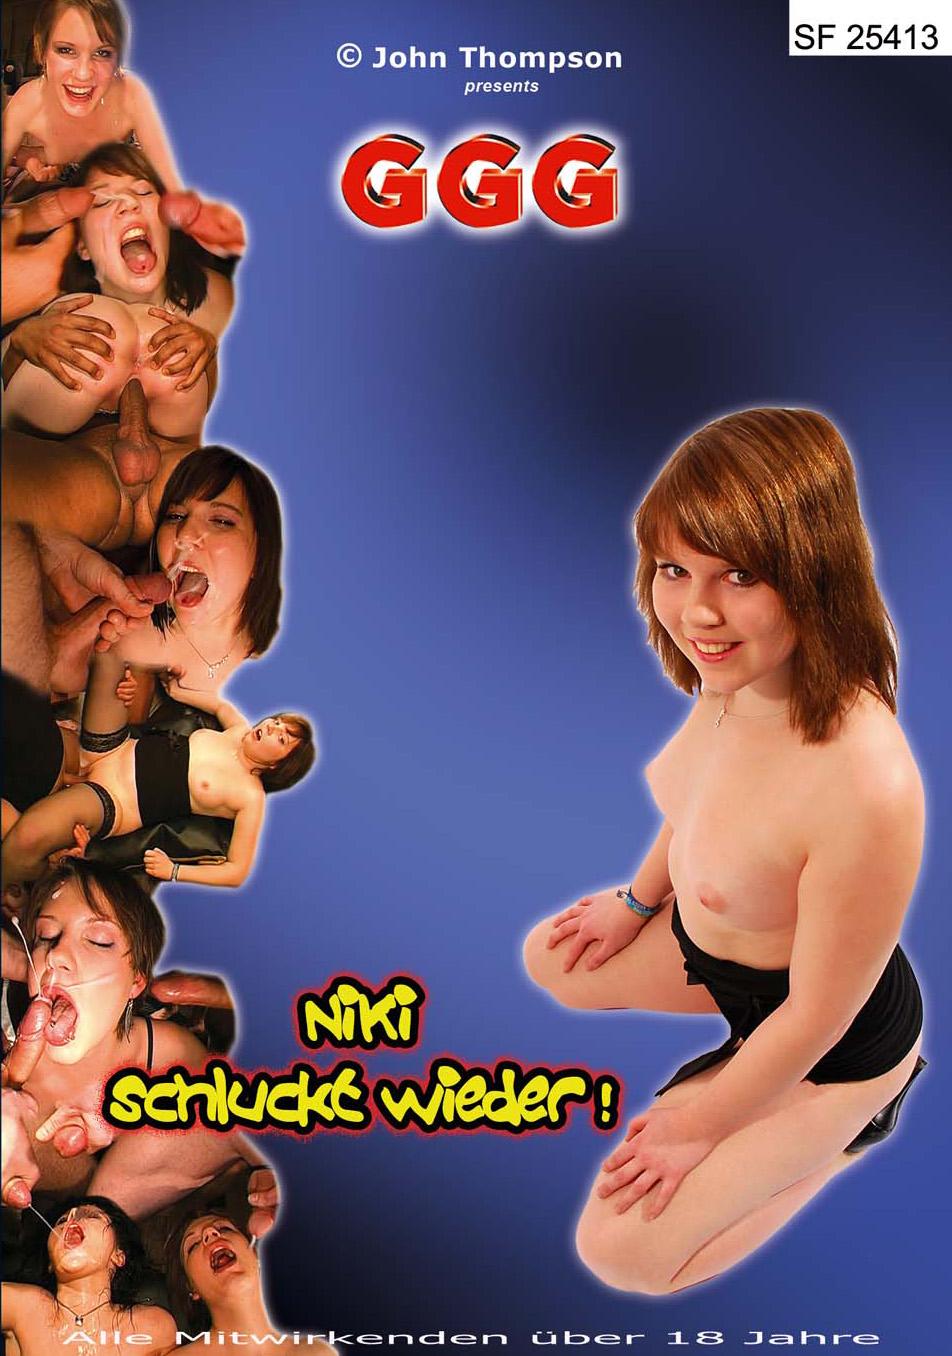 Смотреть онлайн порно ggg elina 5 фотография